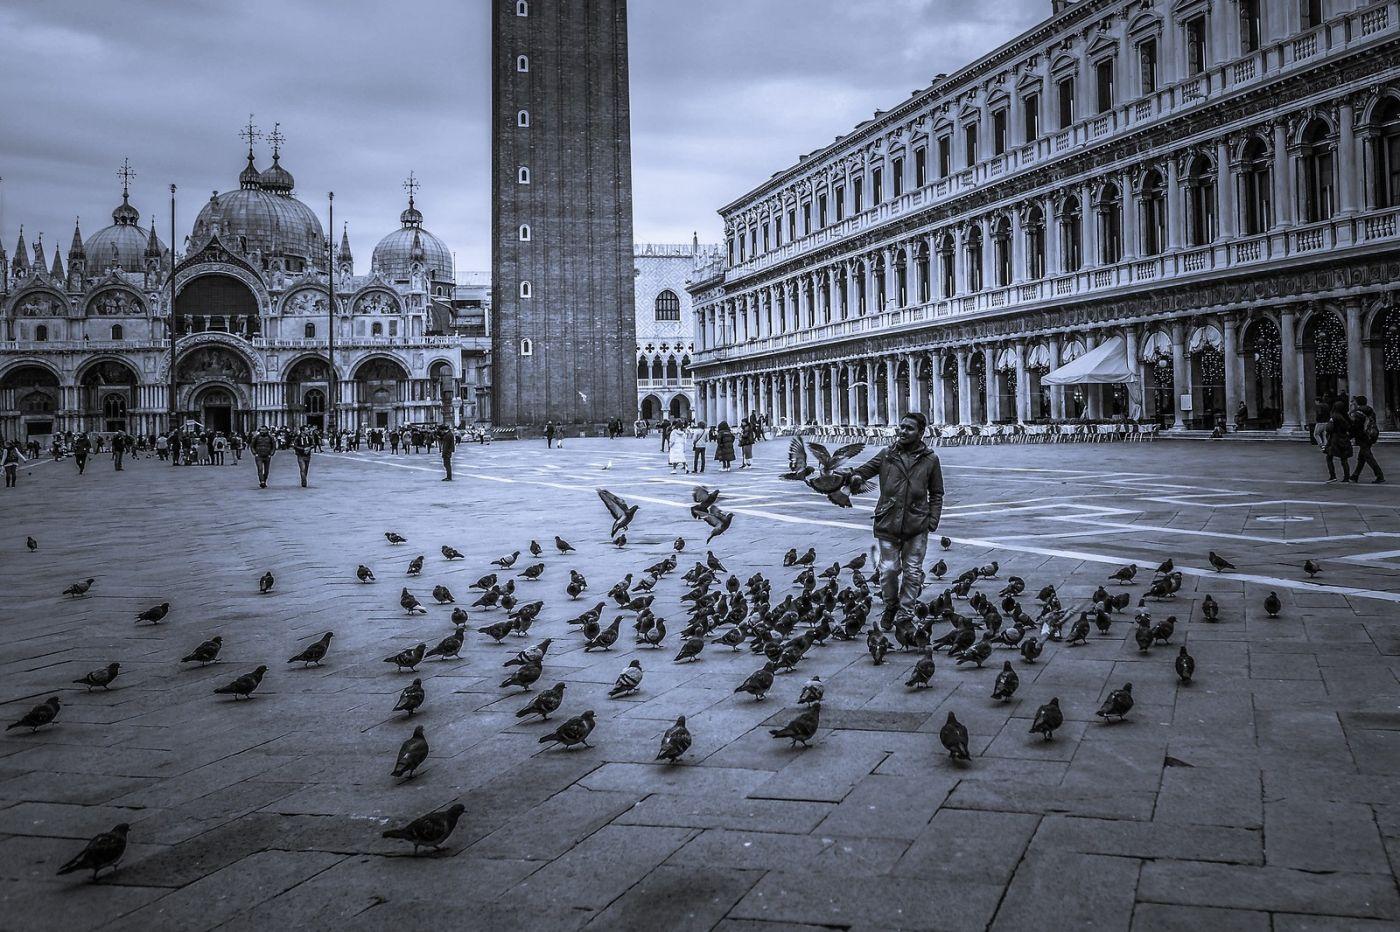 威尼斯圣马可广场(St Mark's Square), 独一无二_图1-21